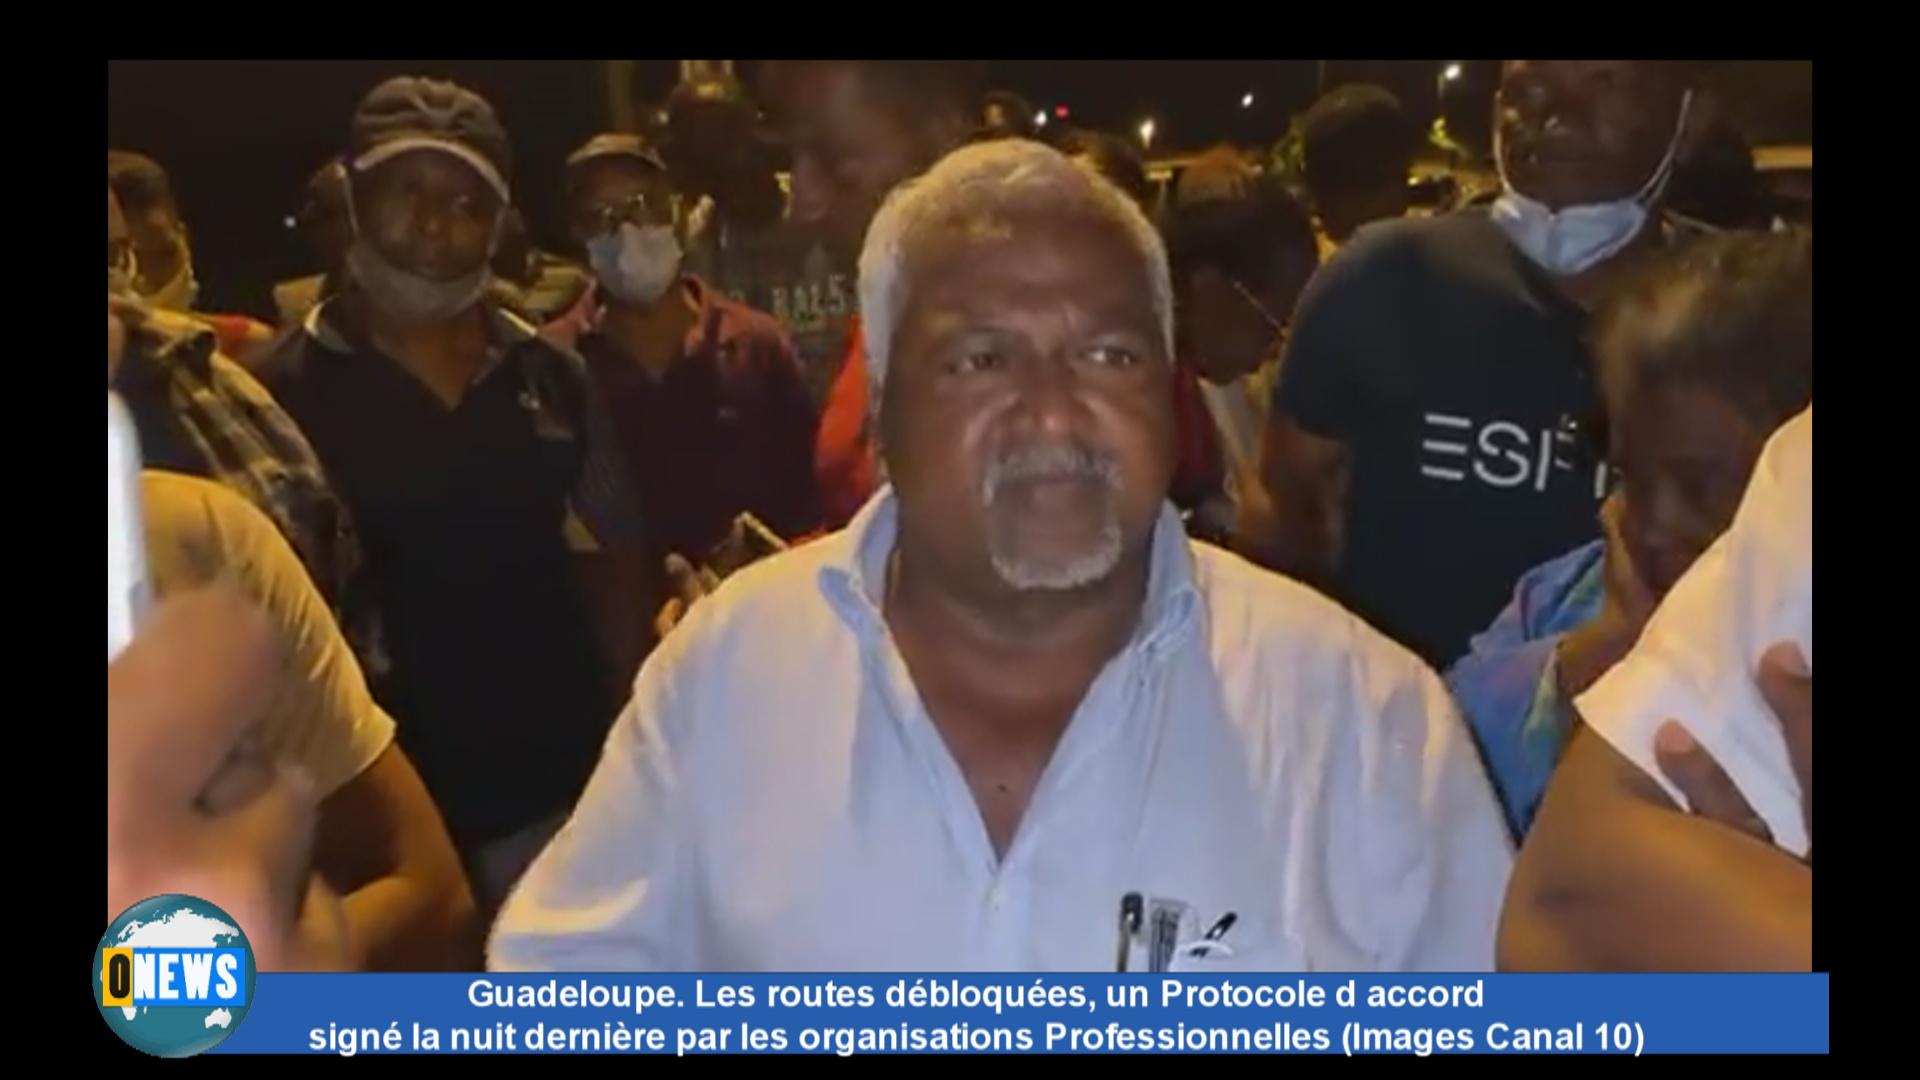 [Vidéo]Onews Guadeloupe. Les routes débloquées, un Protocole d accord signé la nuit dernière par les organisations Professionnelles (Images Canal 10)